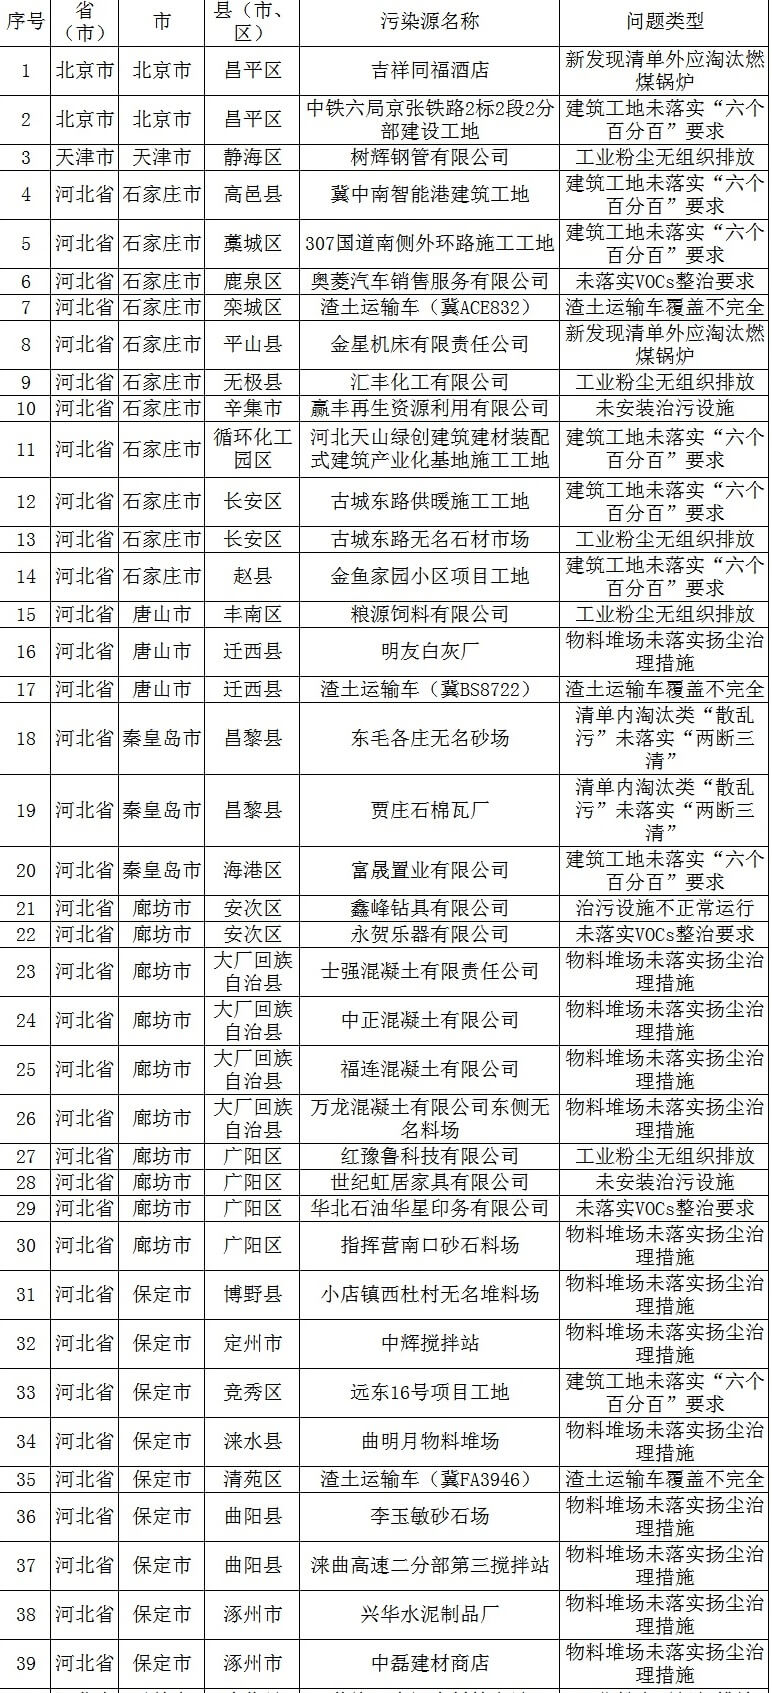 强化督查 | 生态环保部8月21日发现涉气环境问题80个